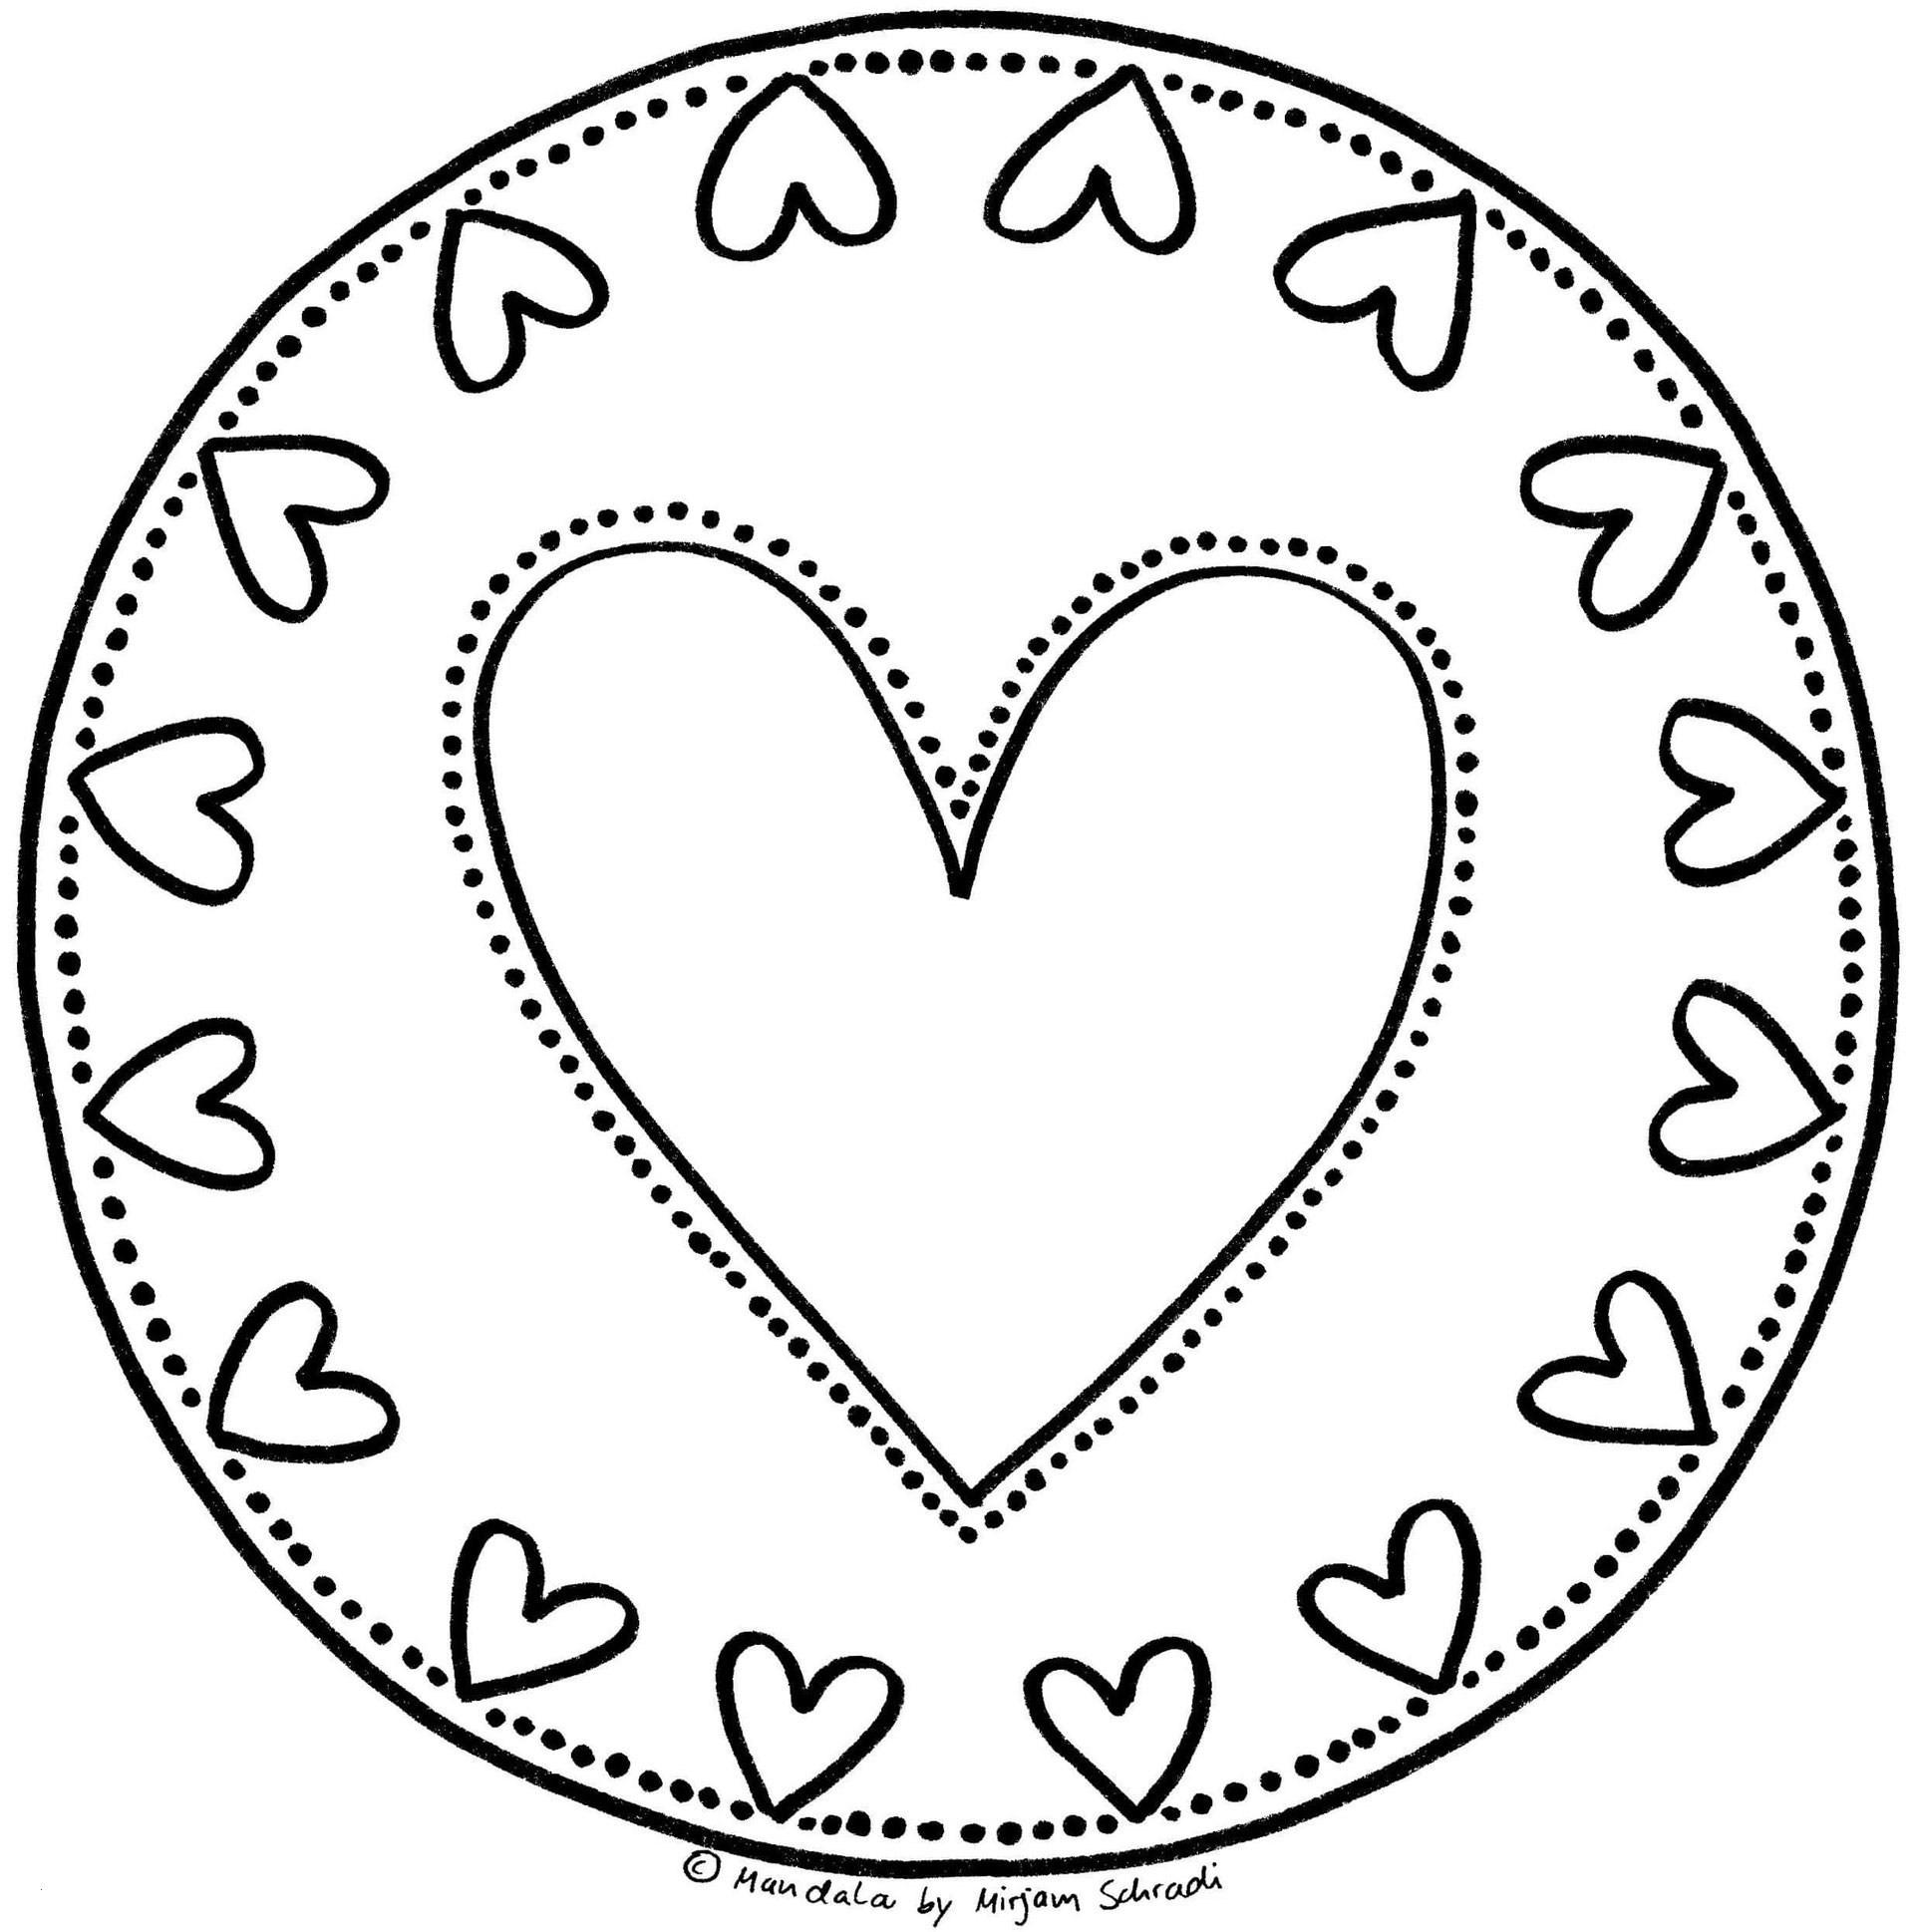 Herz Bilder Zum Ausmalen Inspirierend Malvorlage Xmas Das Beste Von 16 Herzen Zum Ausmalen Schön Stock